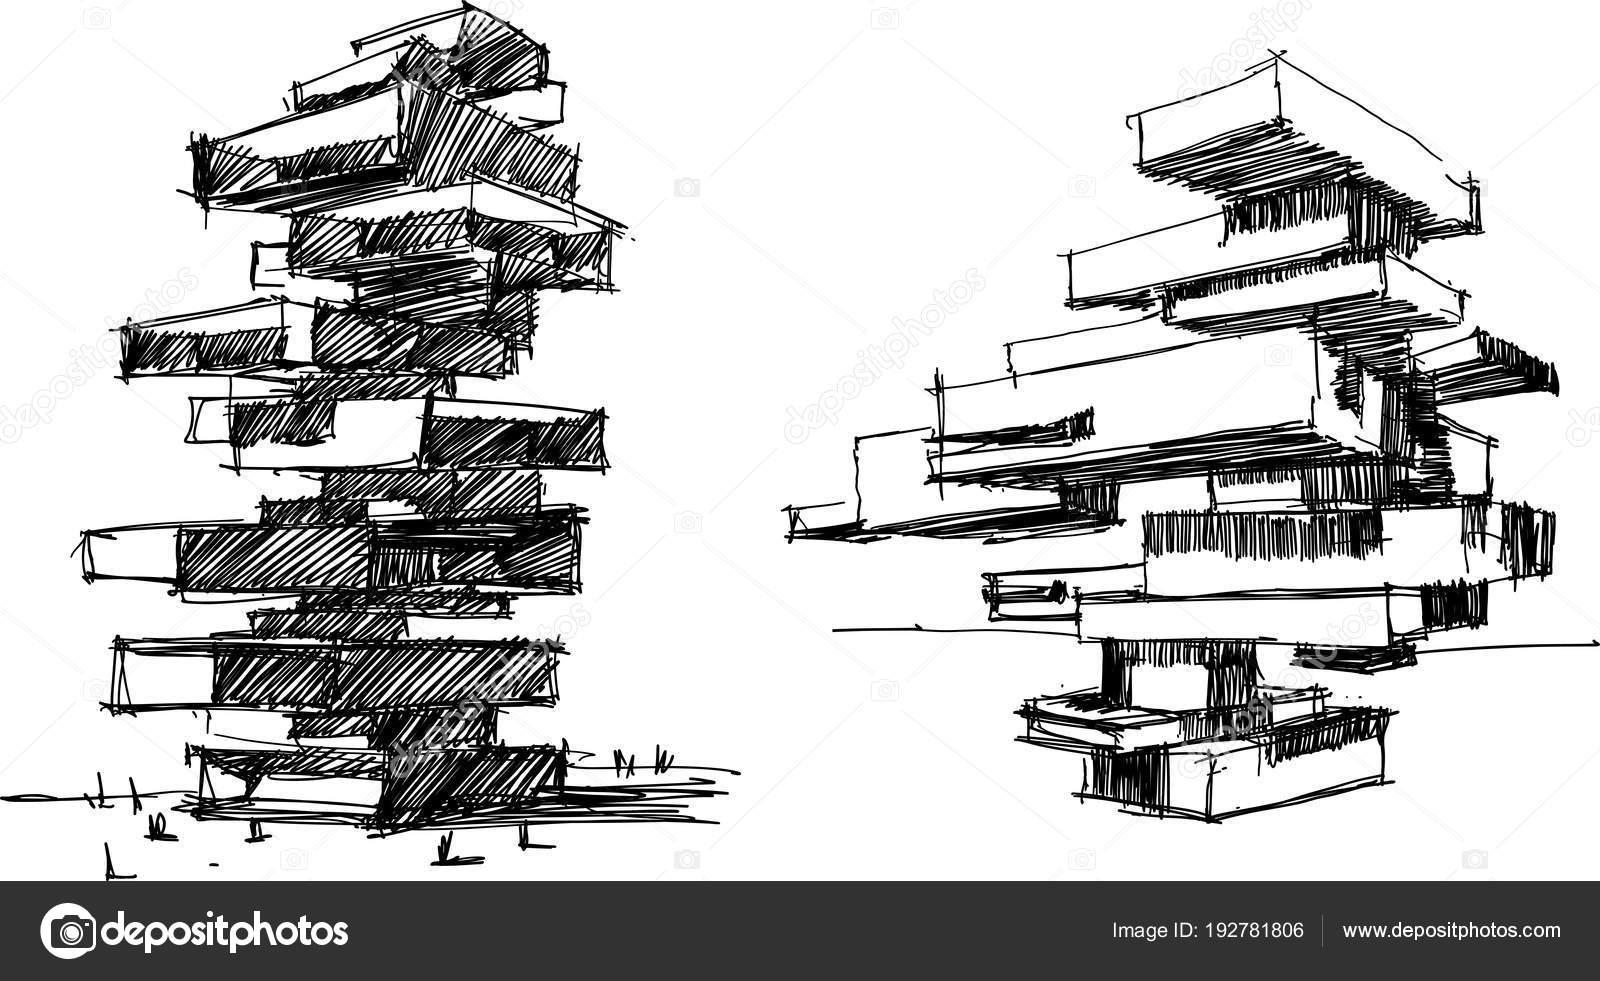 Zwei Hand Gezeichnete Architekturskizzen Von Eine Grosse Moderne Abstrakte Gebaude Stockvektor